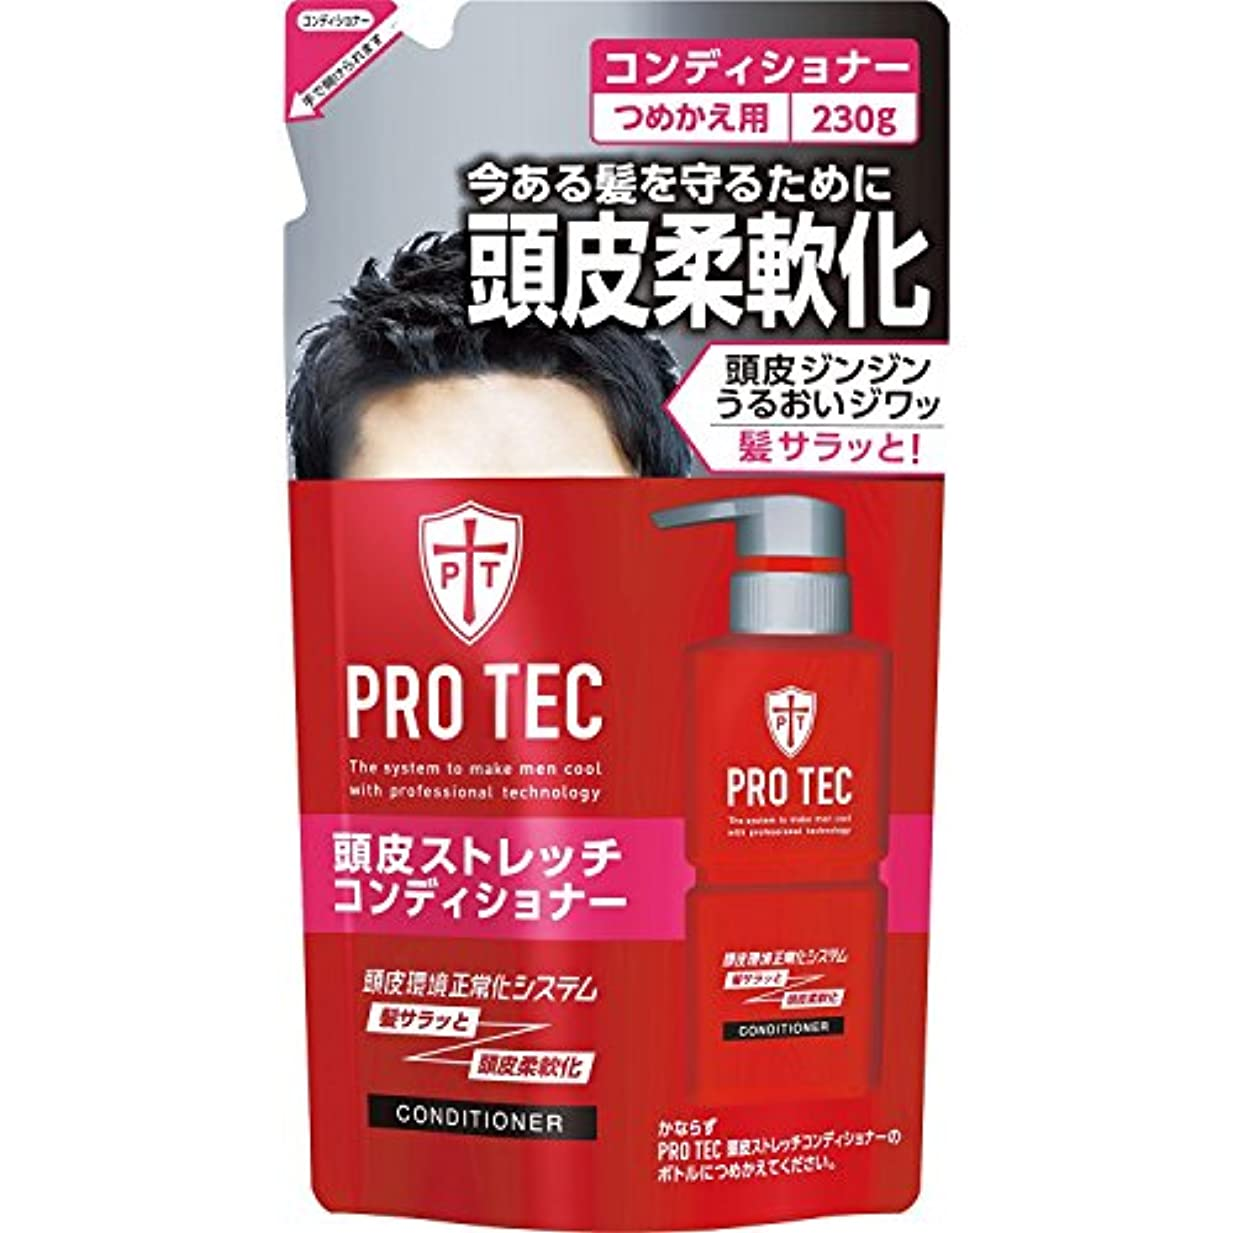 はげオーバーコート感情PRO TEC(プロテク) 頭皮ストレッチコンディショナー つめかえ用 230g ×20個セット